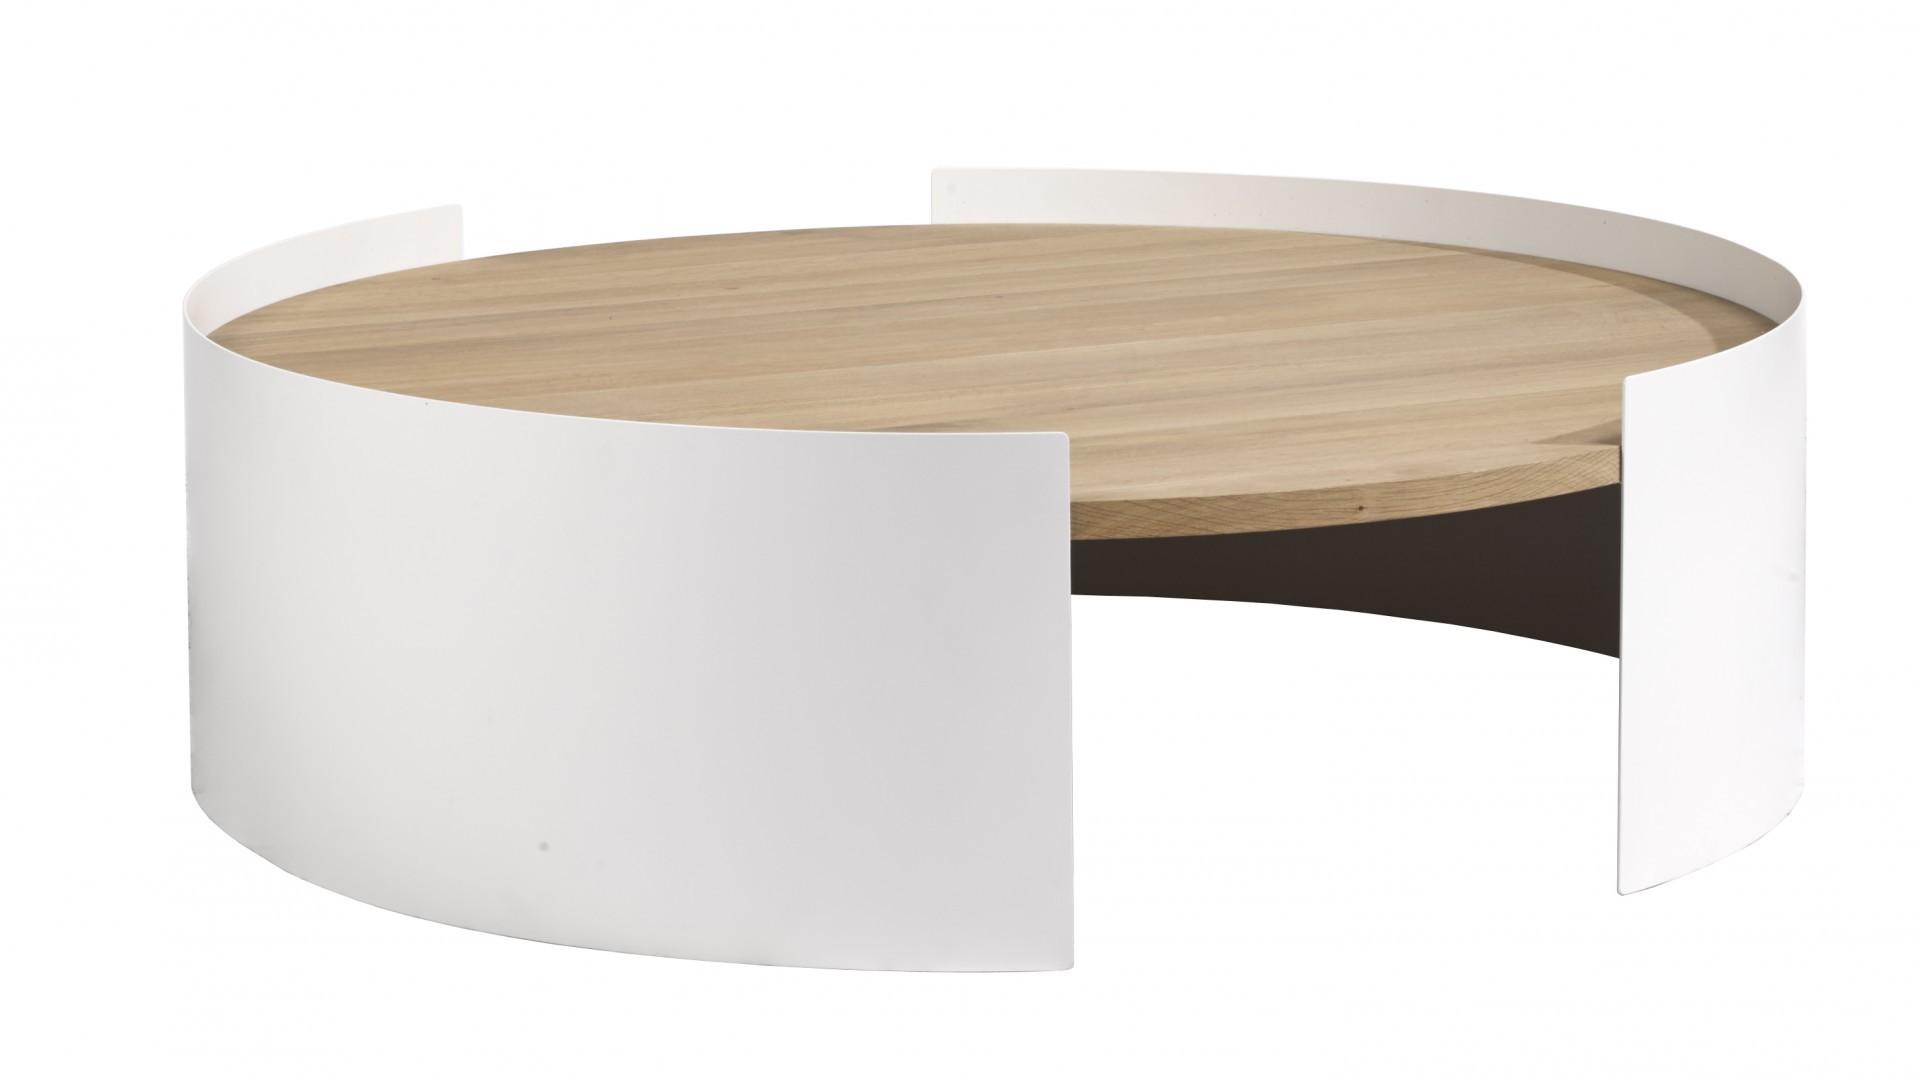 Table basse : vente de mobilier en bois massif